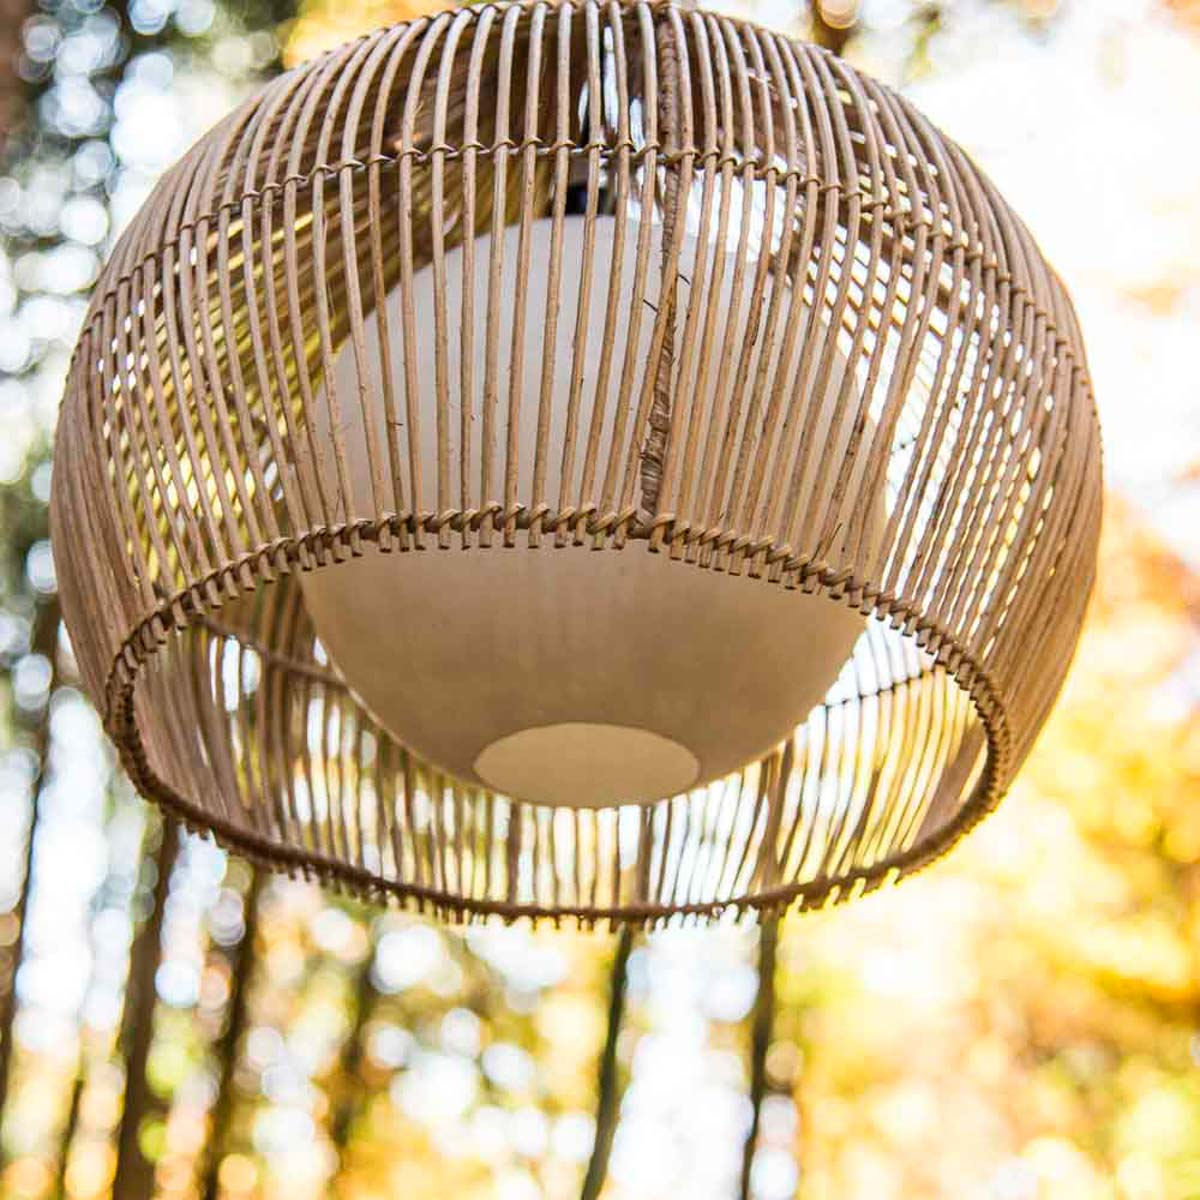 Suspension luminaire lampe avec abat jour osier 41 cm for Luminaire en osier